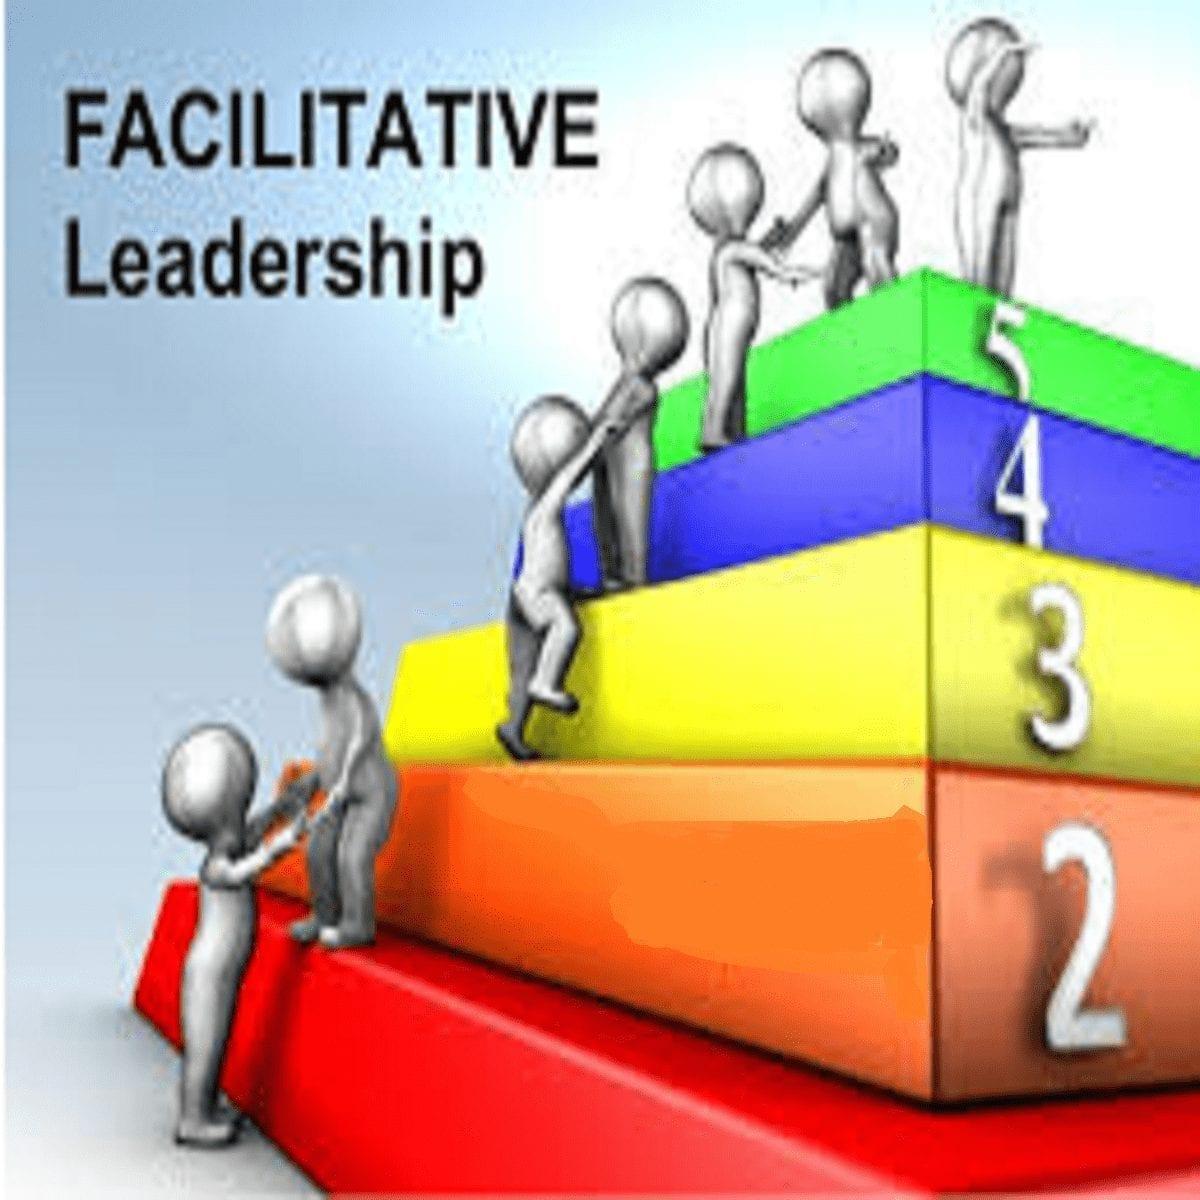 consensus decision making 1000 0.01 $1.83 autocratic decision making 170 ― $0.00 consultative decision making 140 0.00 $0.00 facilitative leadership training 30 0.83 $18.26 facilitative leadership for social change 30 ― $0.00 facilitative decision-making 30 0.00 $0.00 facilitative leadership pdf 10 0.17 $0.00 7 practices of facilitative leadership 10 0.29 $0.00 facilitative leadership in education 10 0.05 $0.00 facilitative leadership wikipedia 10 ― $0.00 interaction institute for social change jobs 10 ― $0.00 facilitative leadership skills 10 0.05 $0.00 facilitative leadership occupational therapy ― $0.00 facilitative leadership ppt ― $0.00 facilitative leadership training interaction associates ― $0.00 interaction institution for social change ― $0.00 fundamentals of facilitation for racial justice work ― $0.00 what are the institute of social change ― $0.00 summary by interaction institute for social change ― $0.00 interaction institute for social change training ― $0.00 facilitative leadership decision-making ― $0.00 facilitative leadership example